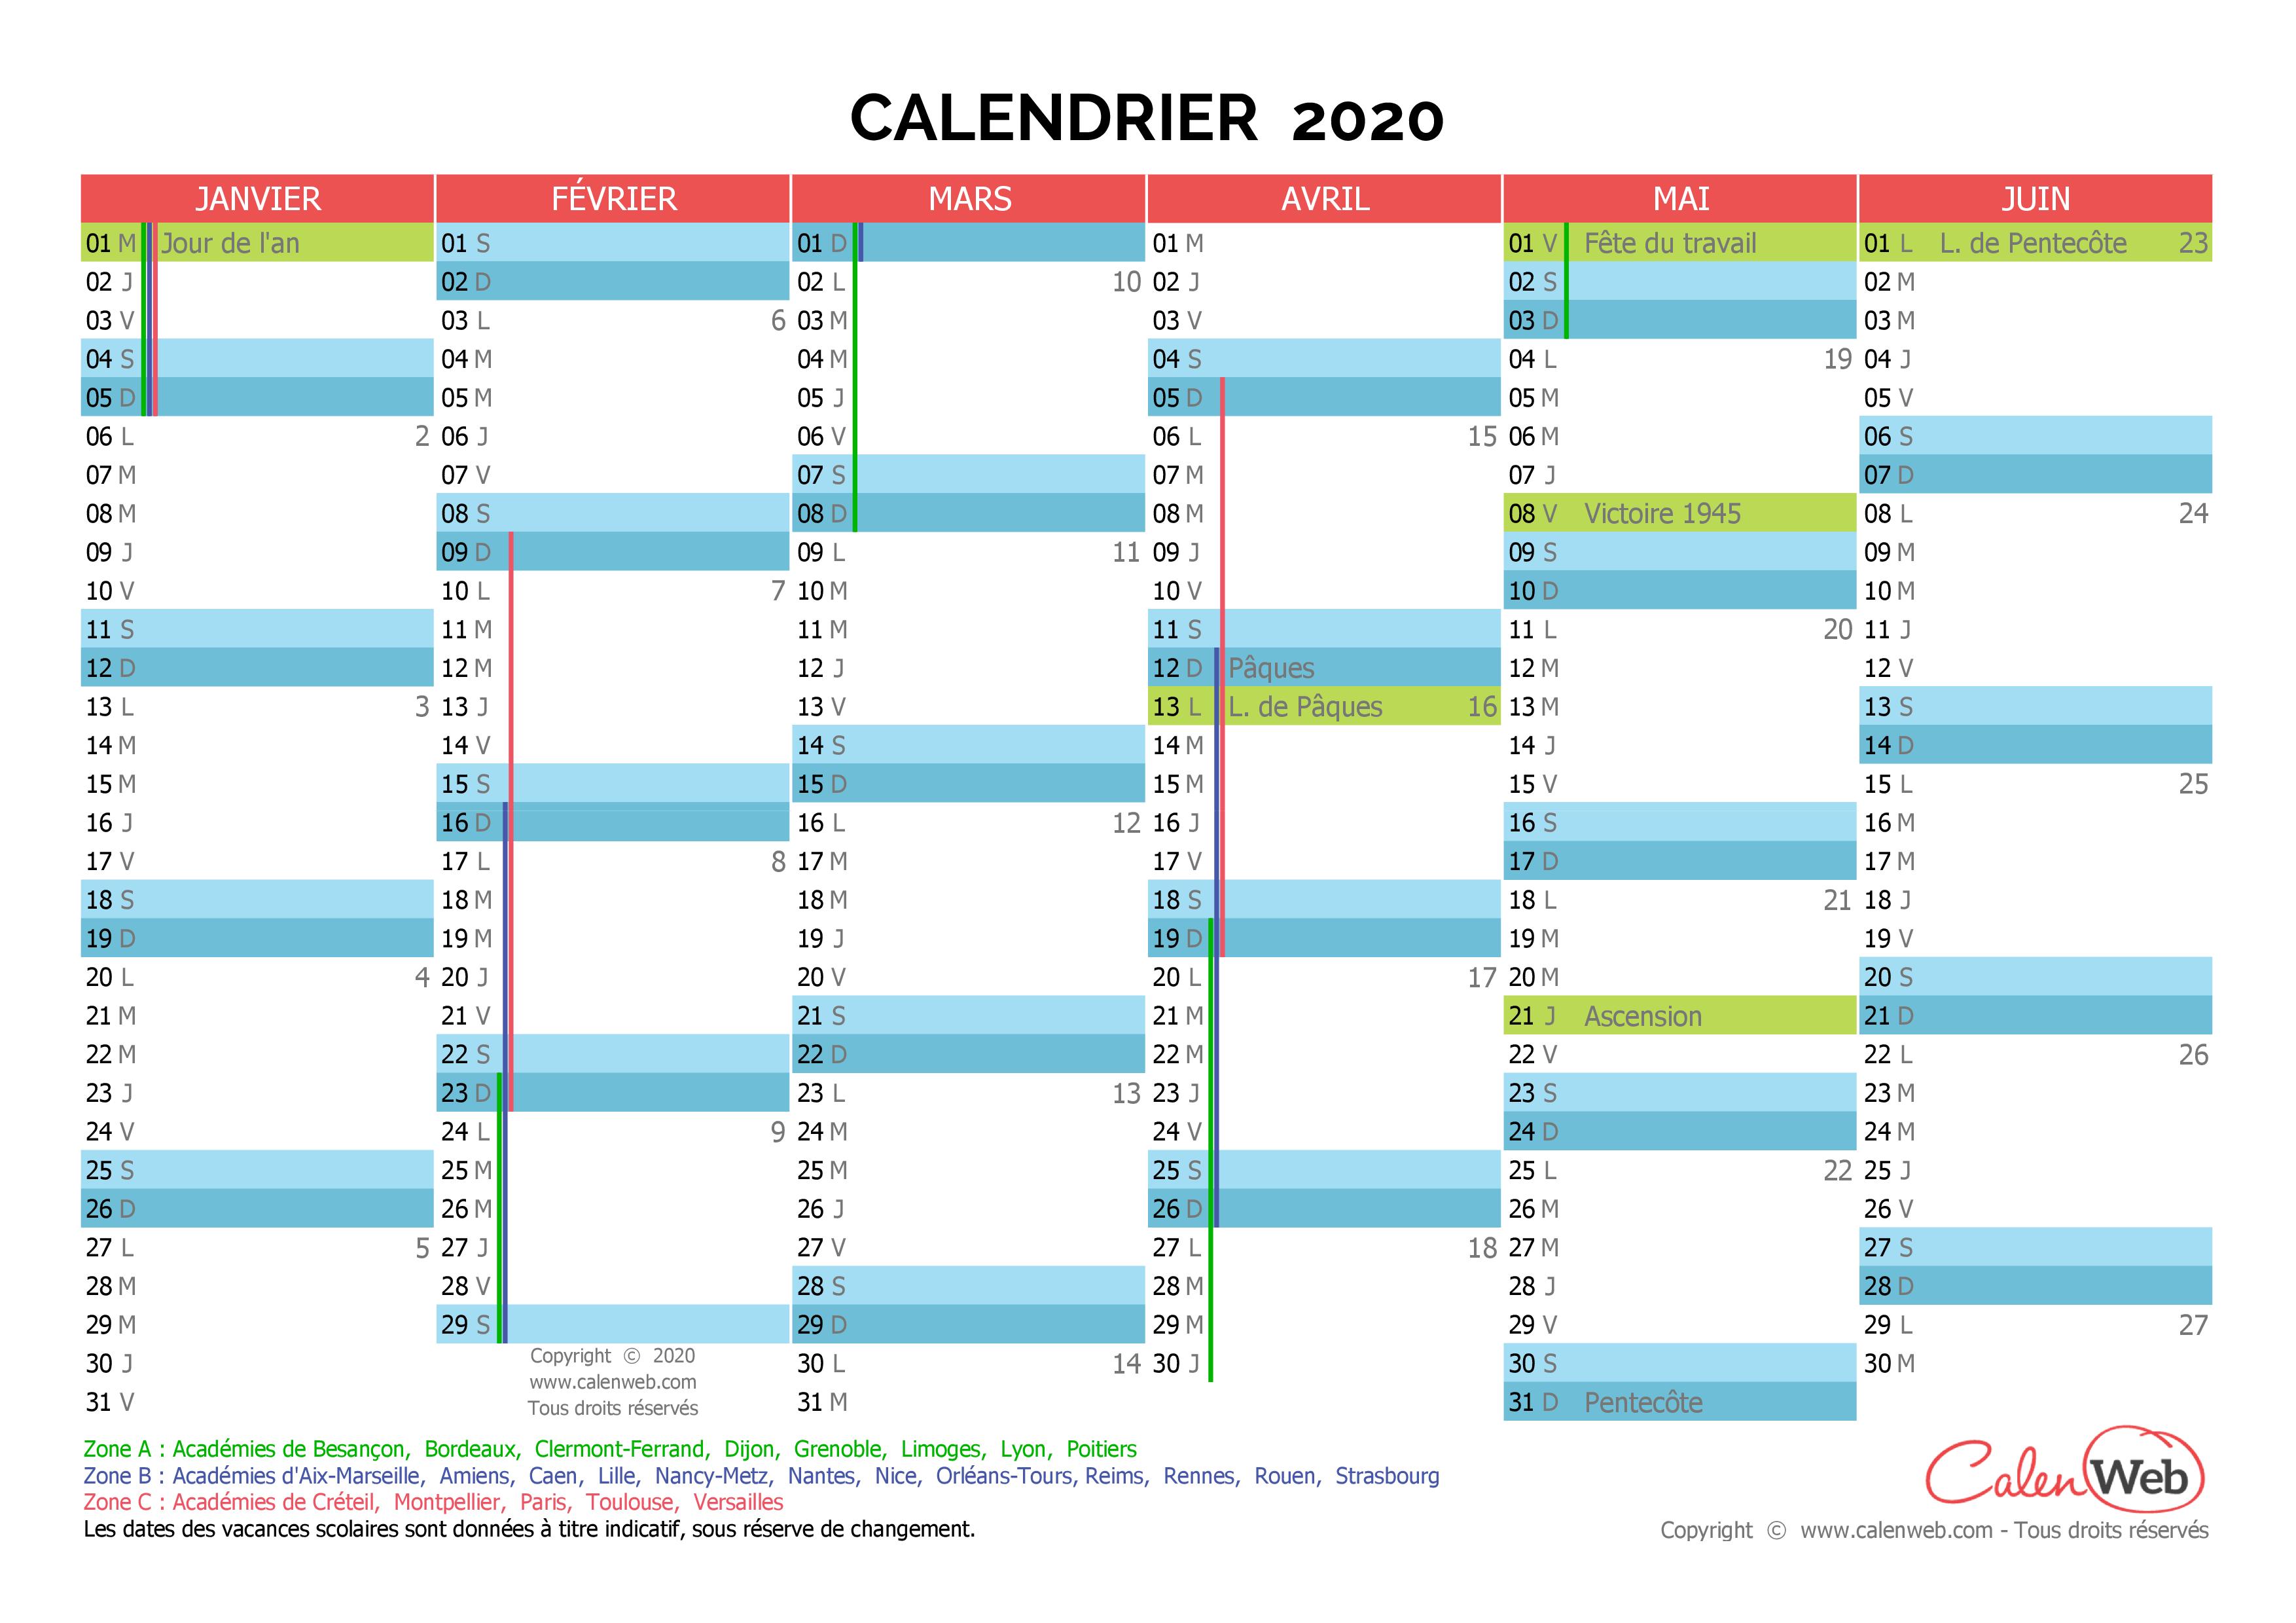 Calendrier semestriel   Année 2020 avec jours fériés et vacances